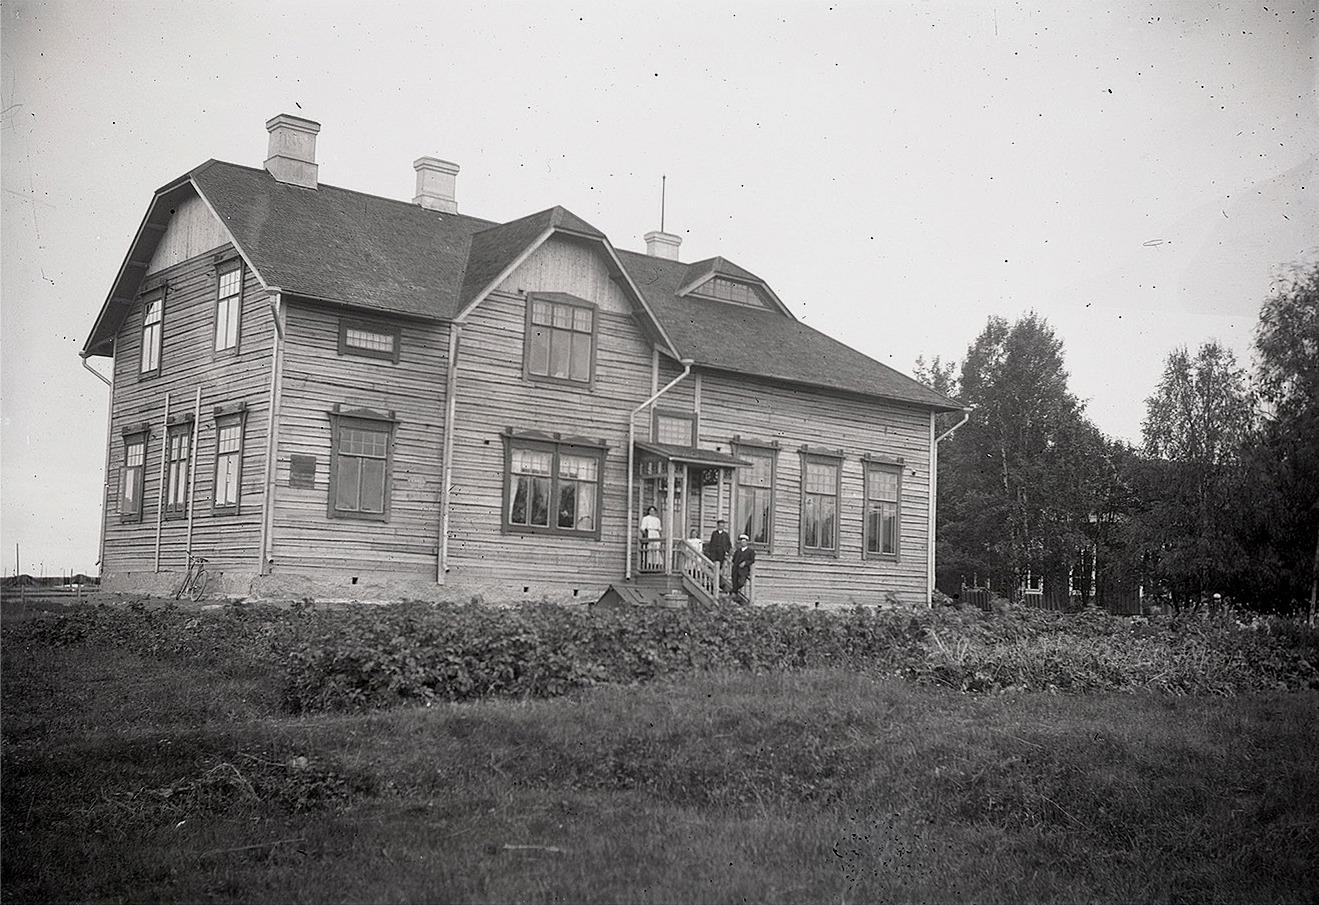 Här den splitternya skolan fotograferad år 1909, där några av lärare Wadströms barn stående på vindstrappan. Till höger skymtar den gamla skolan som revs följande år, då en del av virket kunde användas för byggandet av folkskolan i Perus. Foto Viktor Nylund.